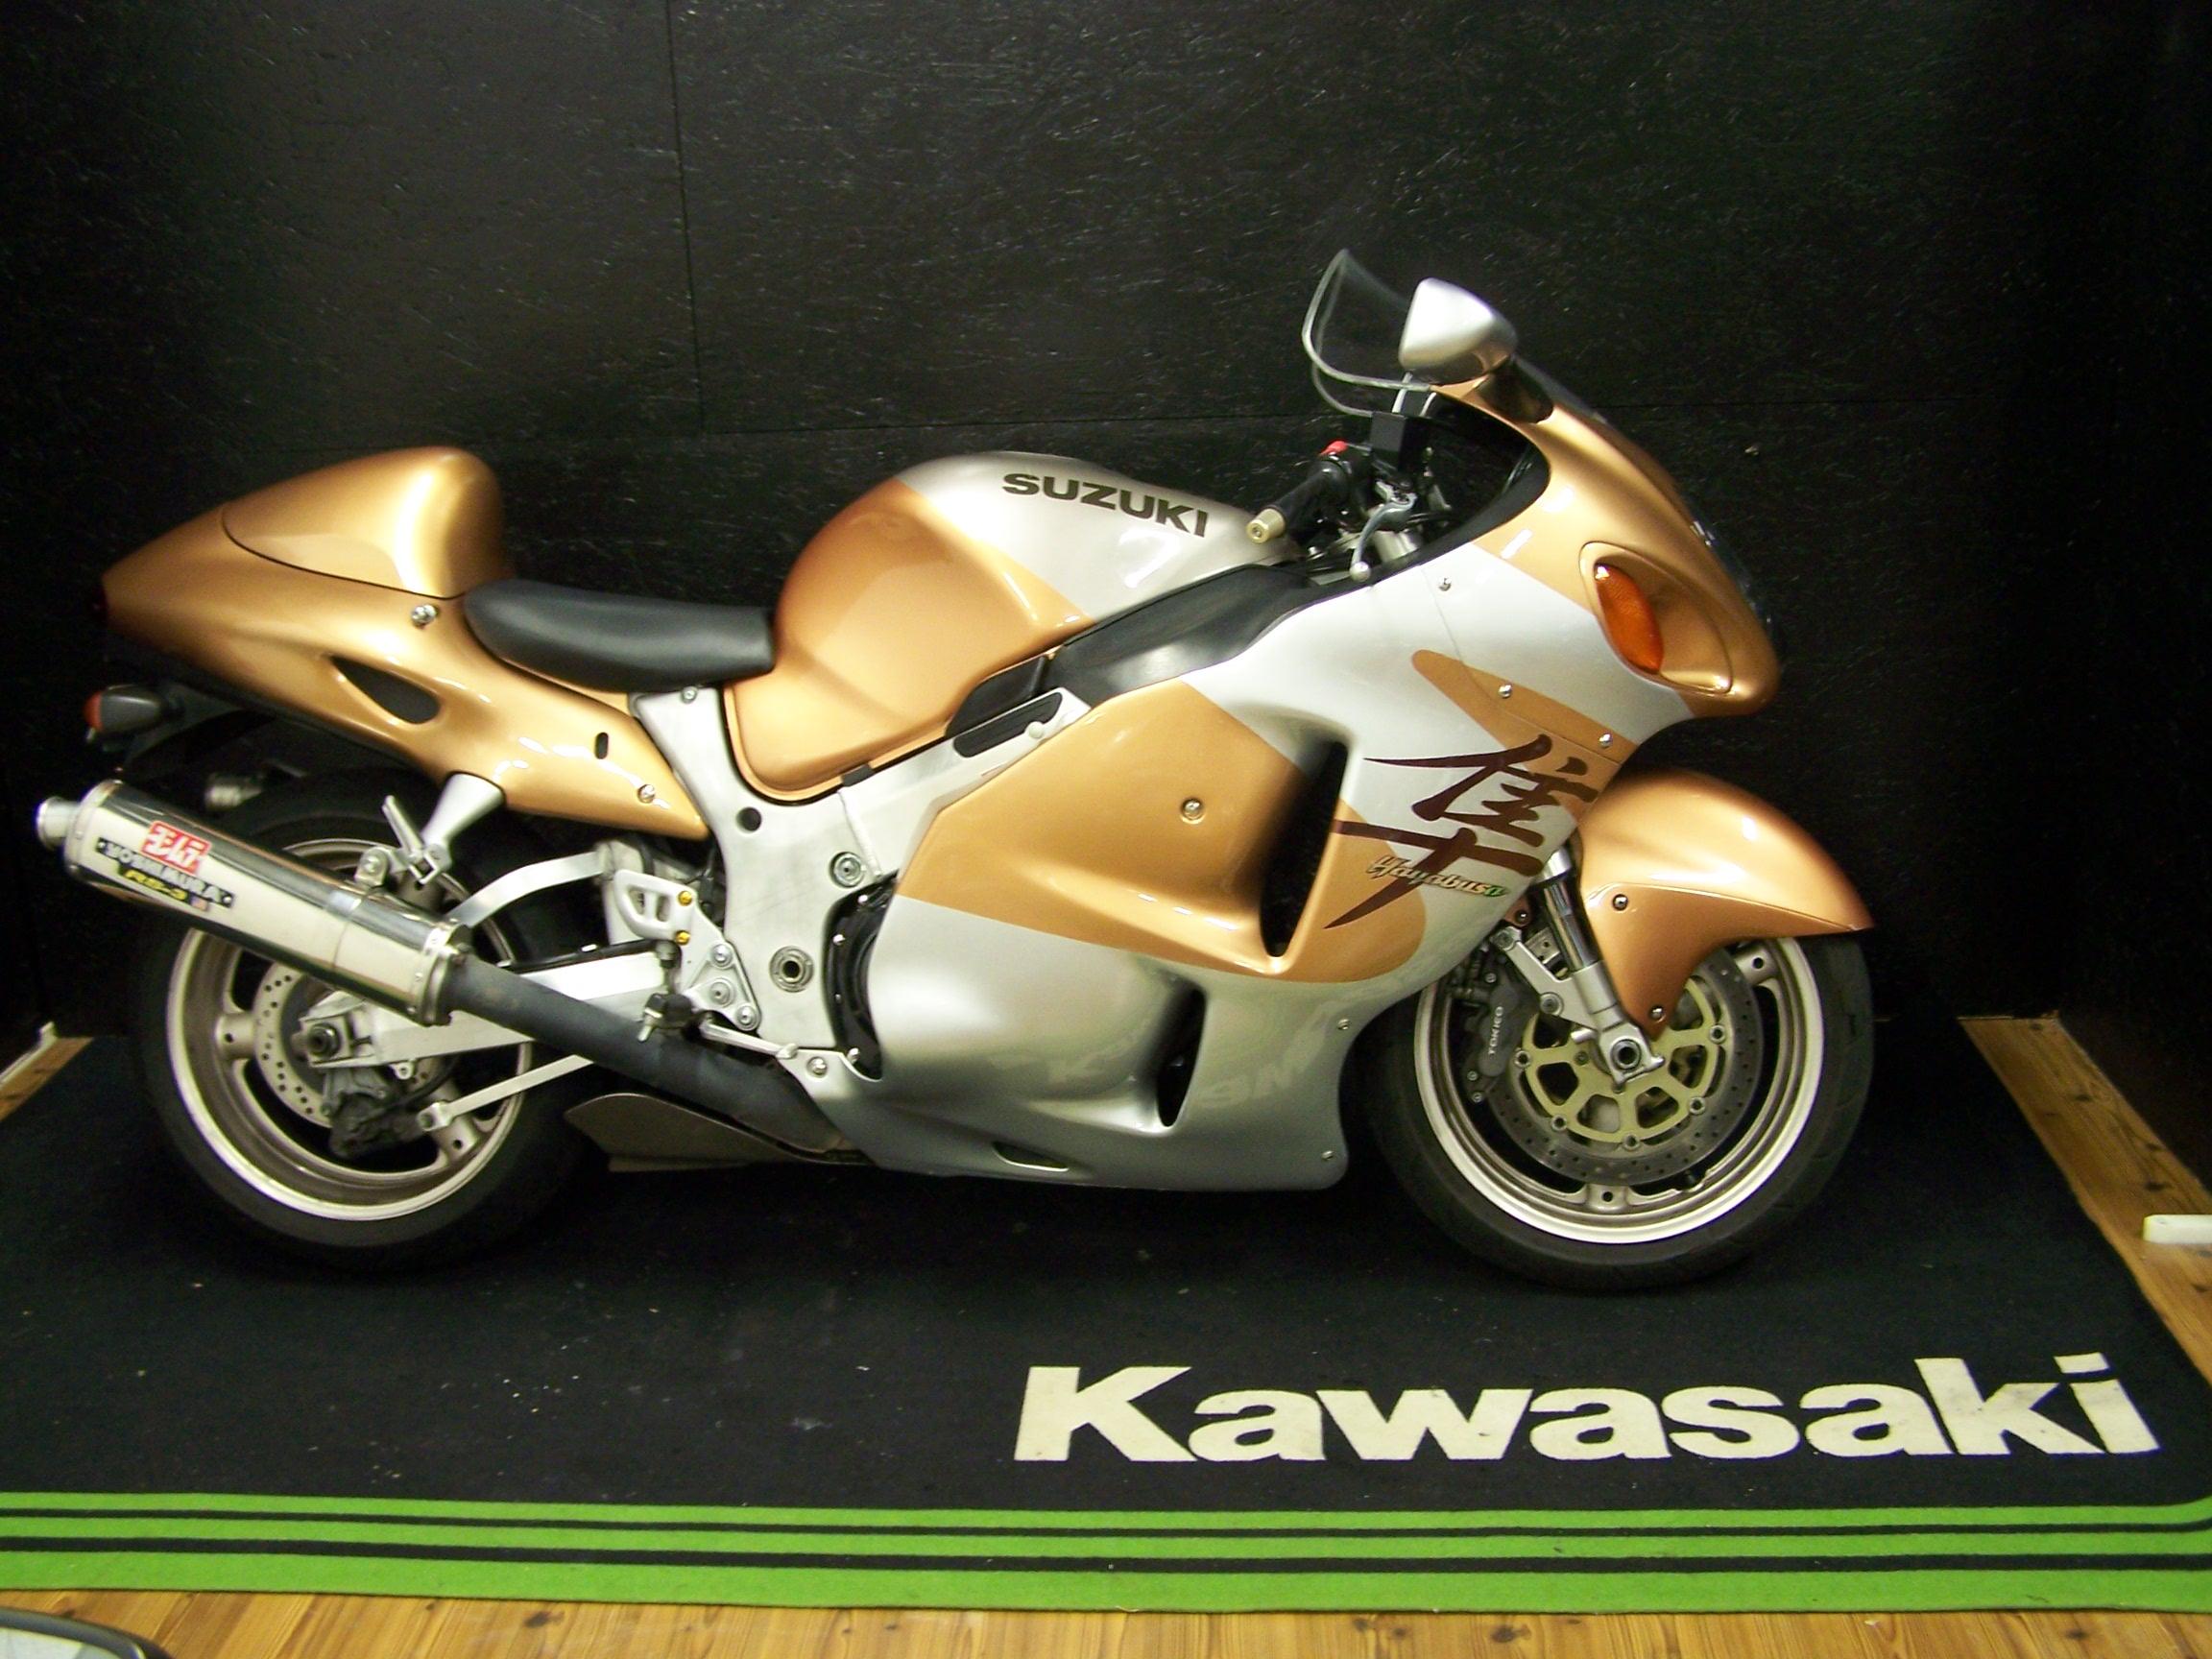 suzuki gsxr 1300 hayabusa sportive occasion moto pulsion concessionnaire moto exclusif. Black Bedroom Furniture Sets. Home Design Ideas